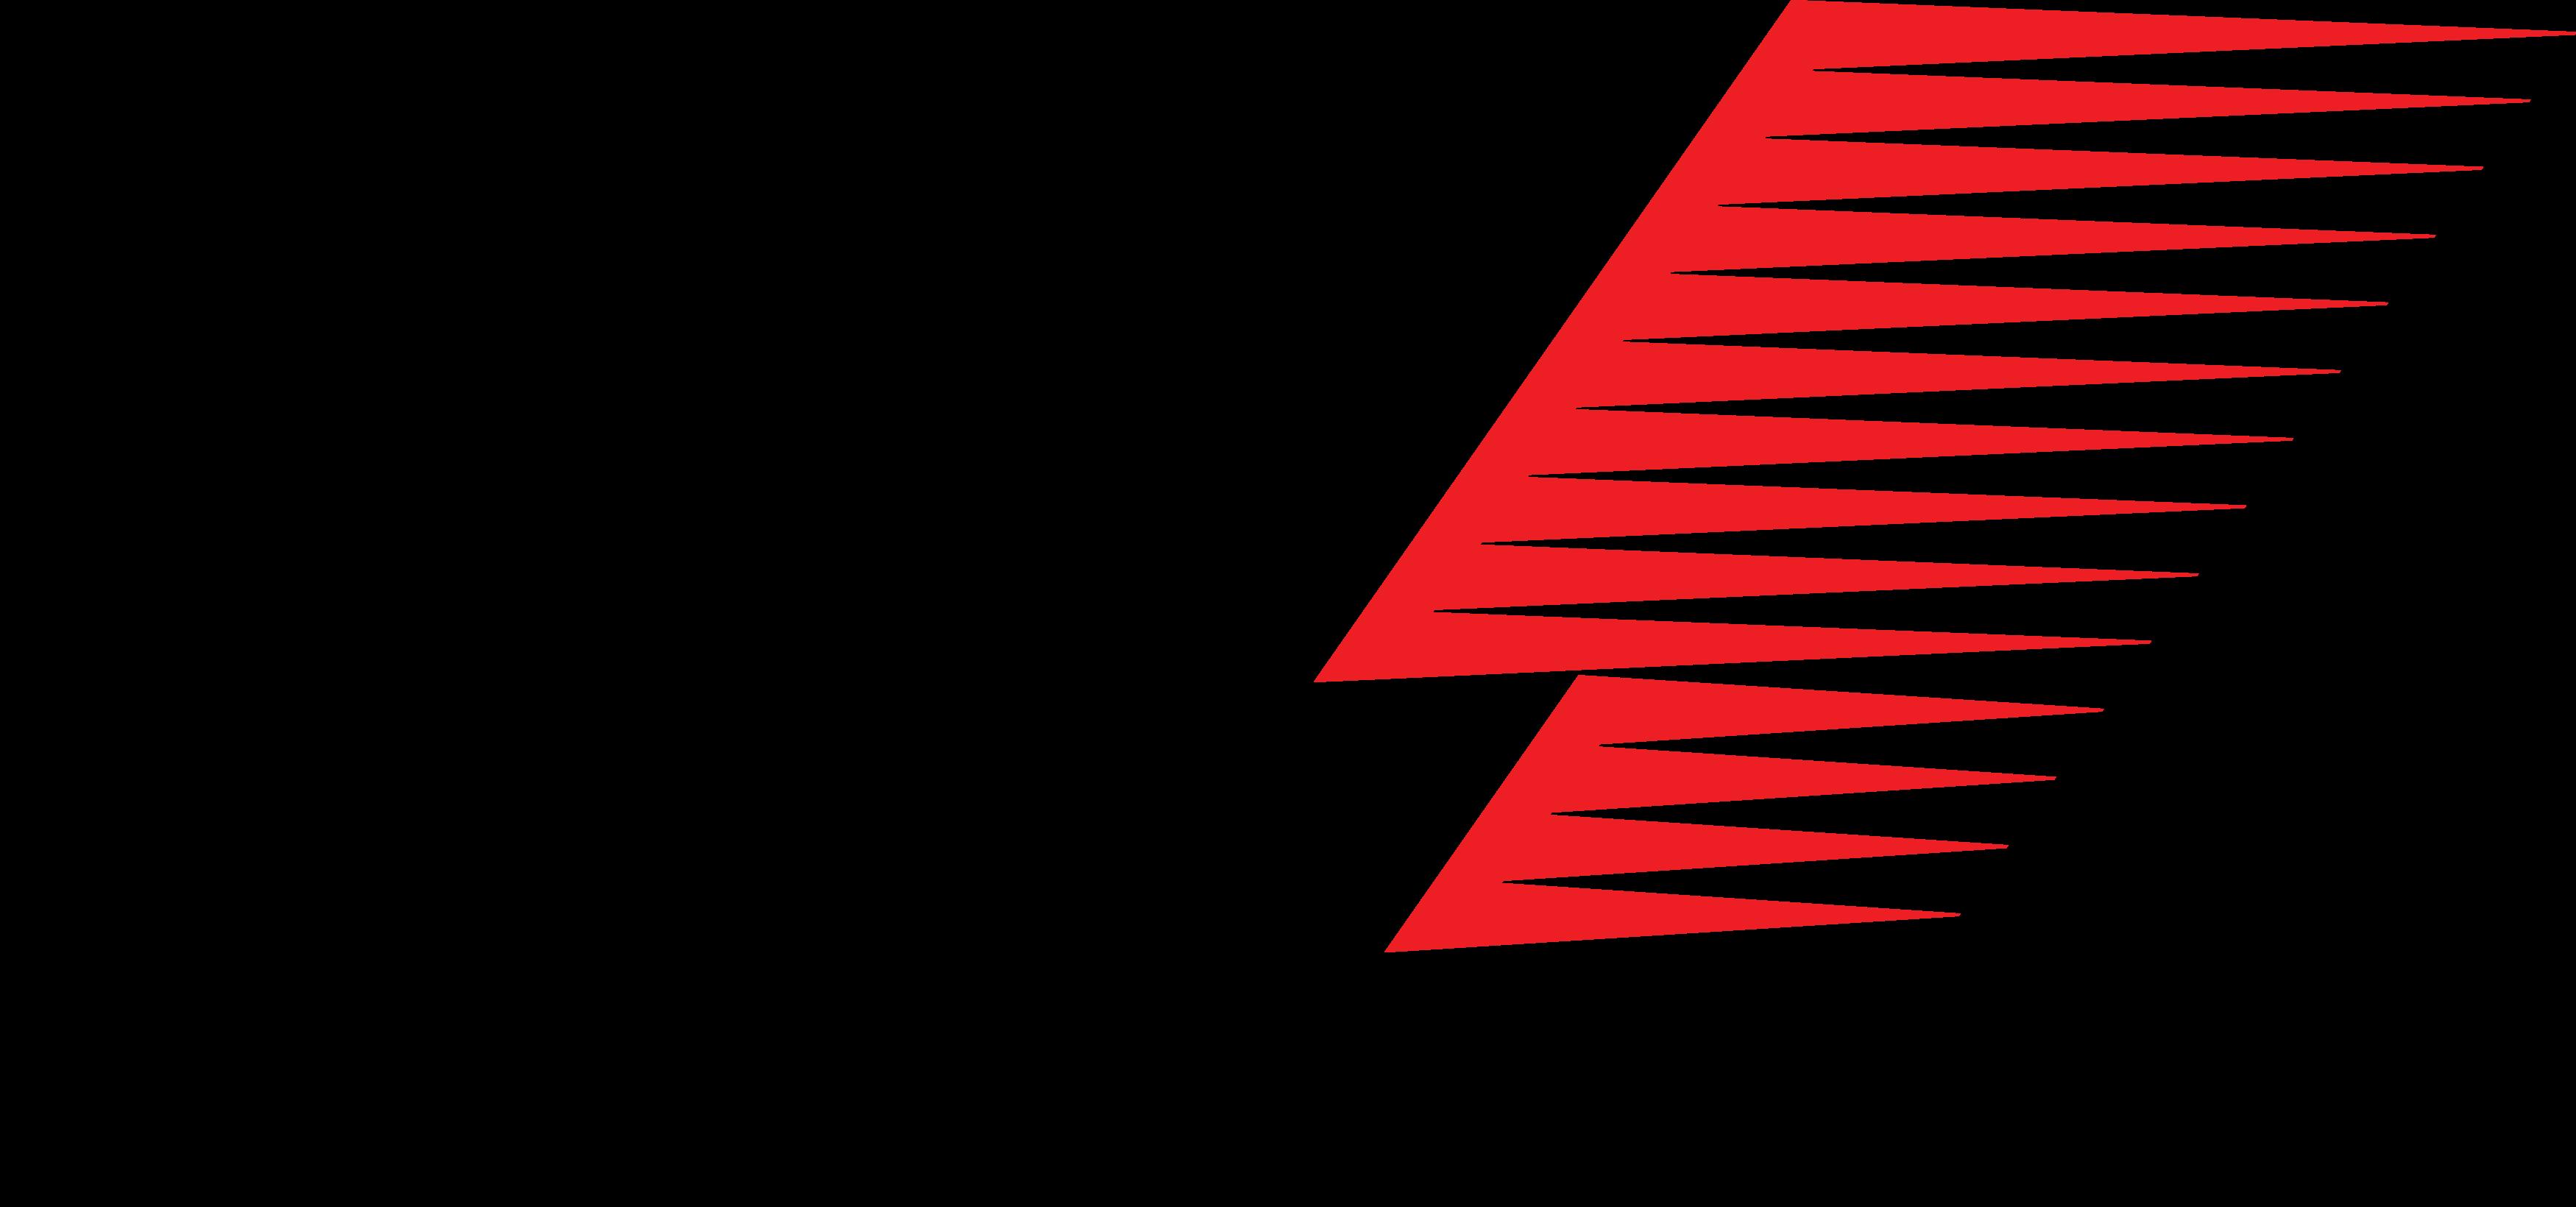 Resultado de imagem para logo formula 1 png